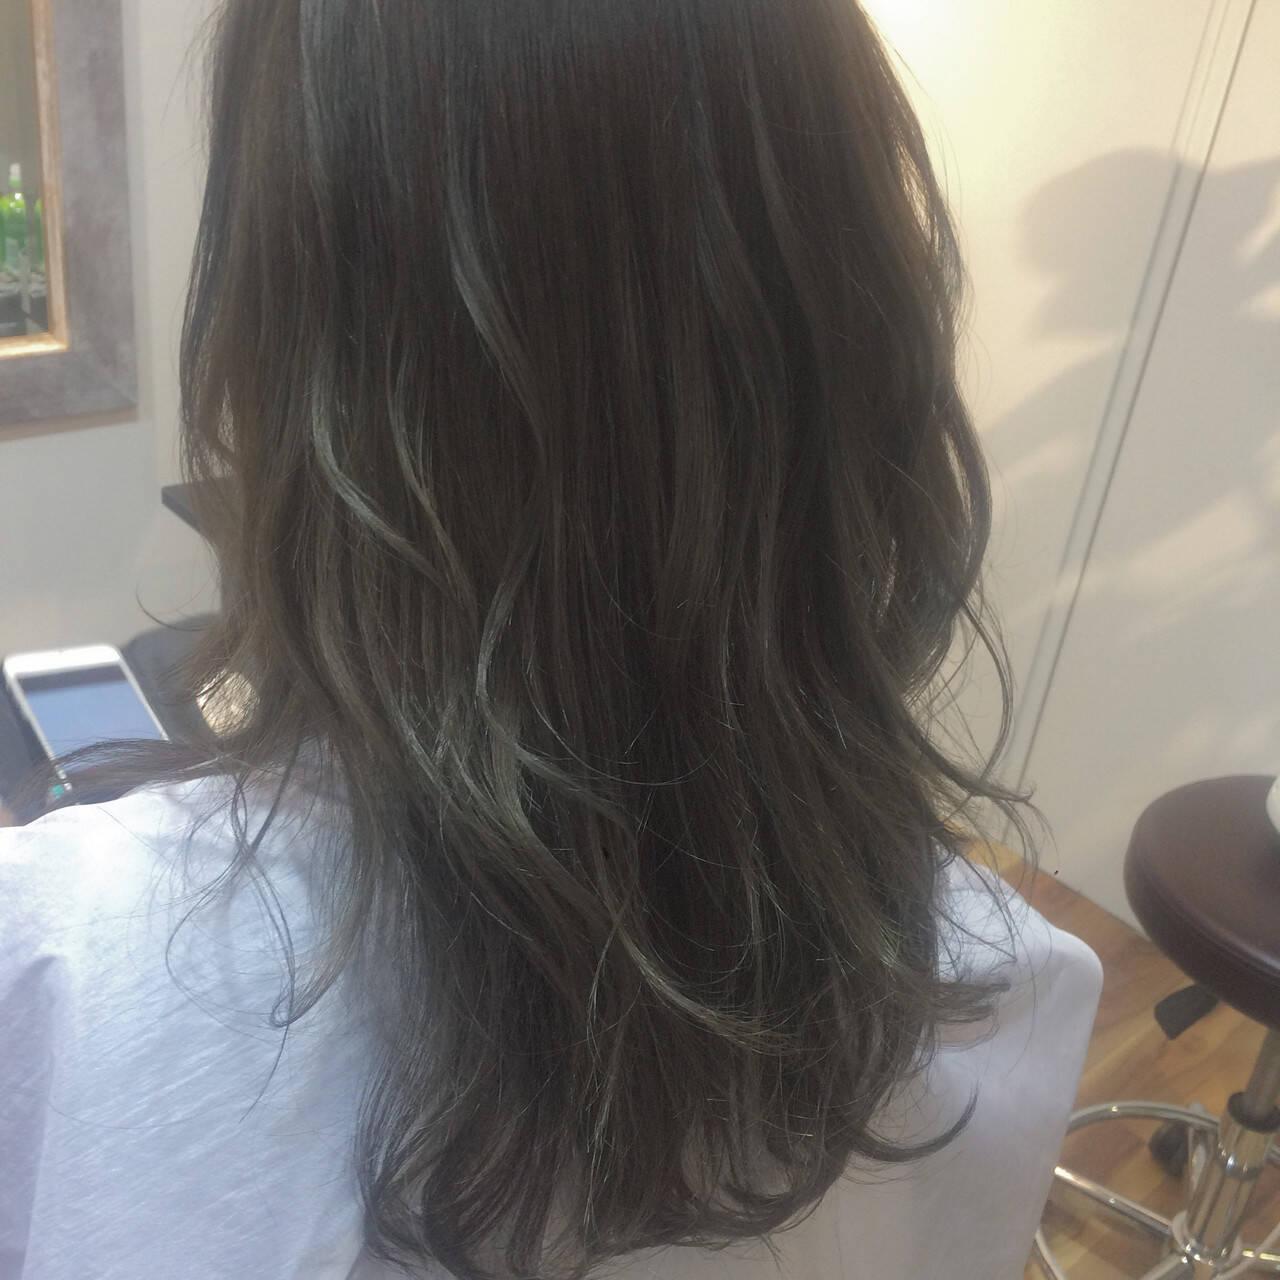 ロング バレイヤージュ 外国人風 コンサバヘアスタイルや髪型の写真・画像